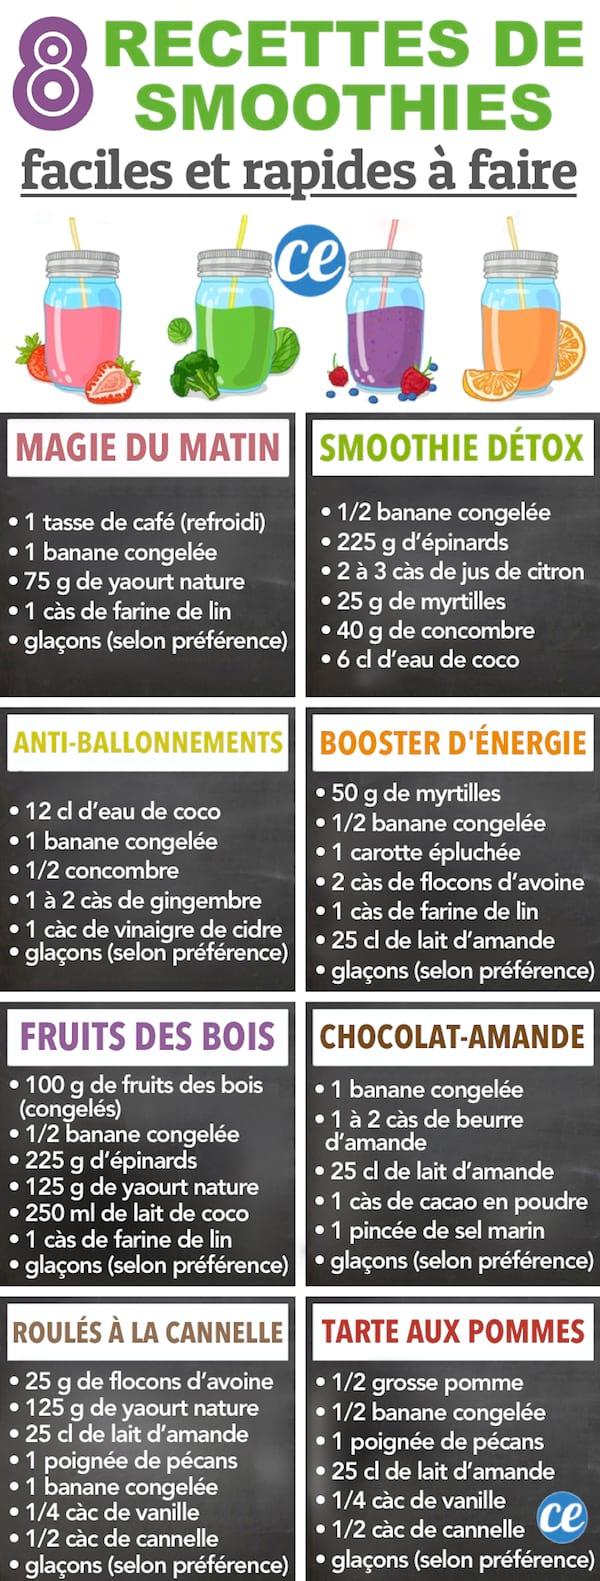 8 recettes faciles et rapides de smoothies